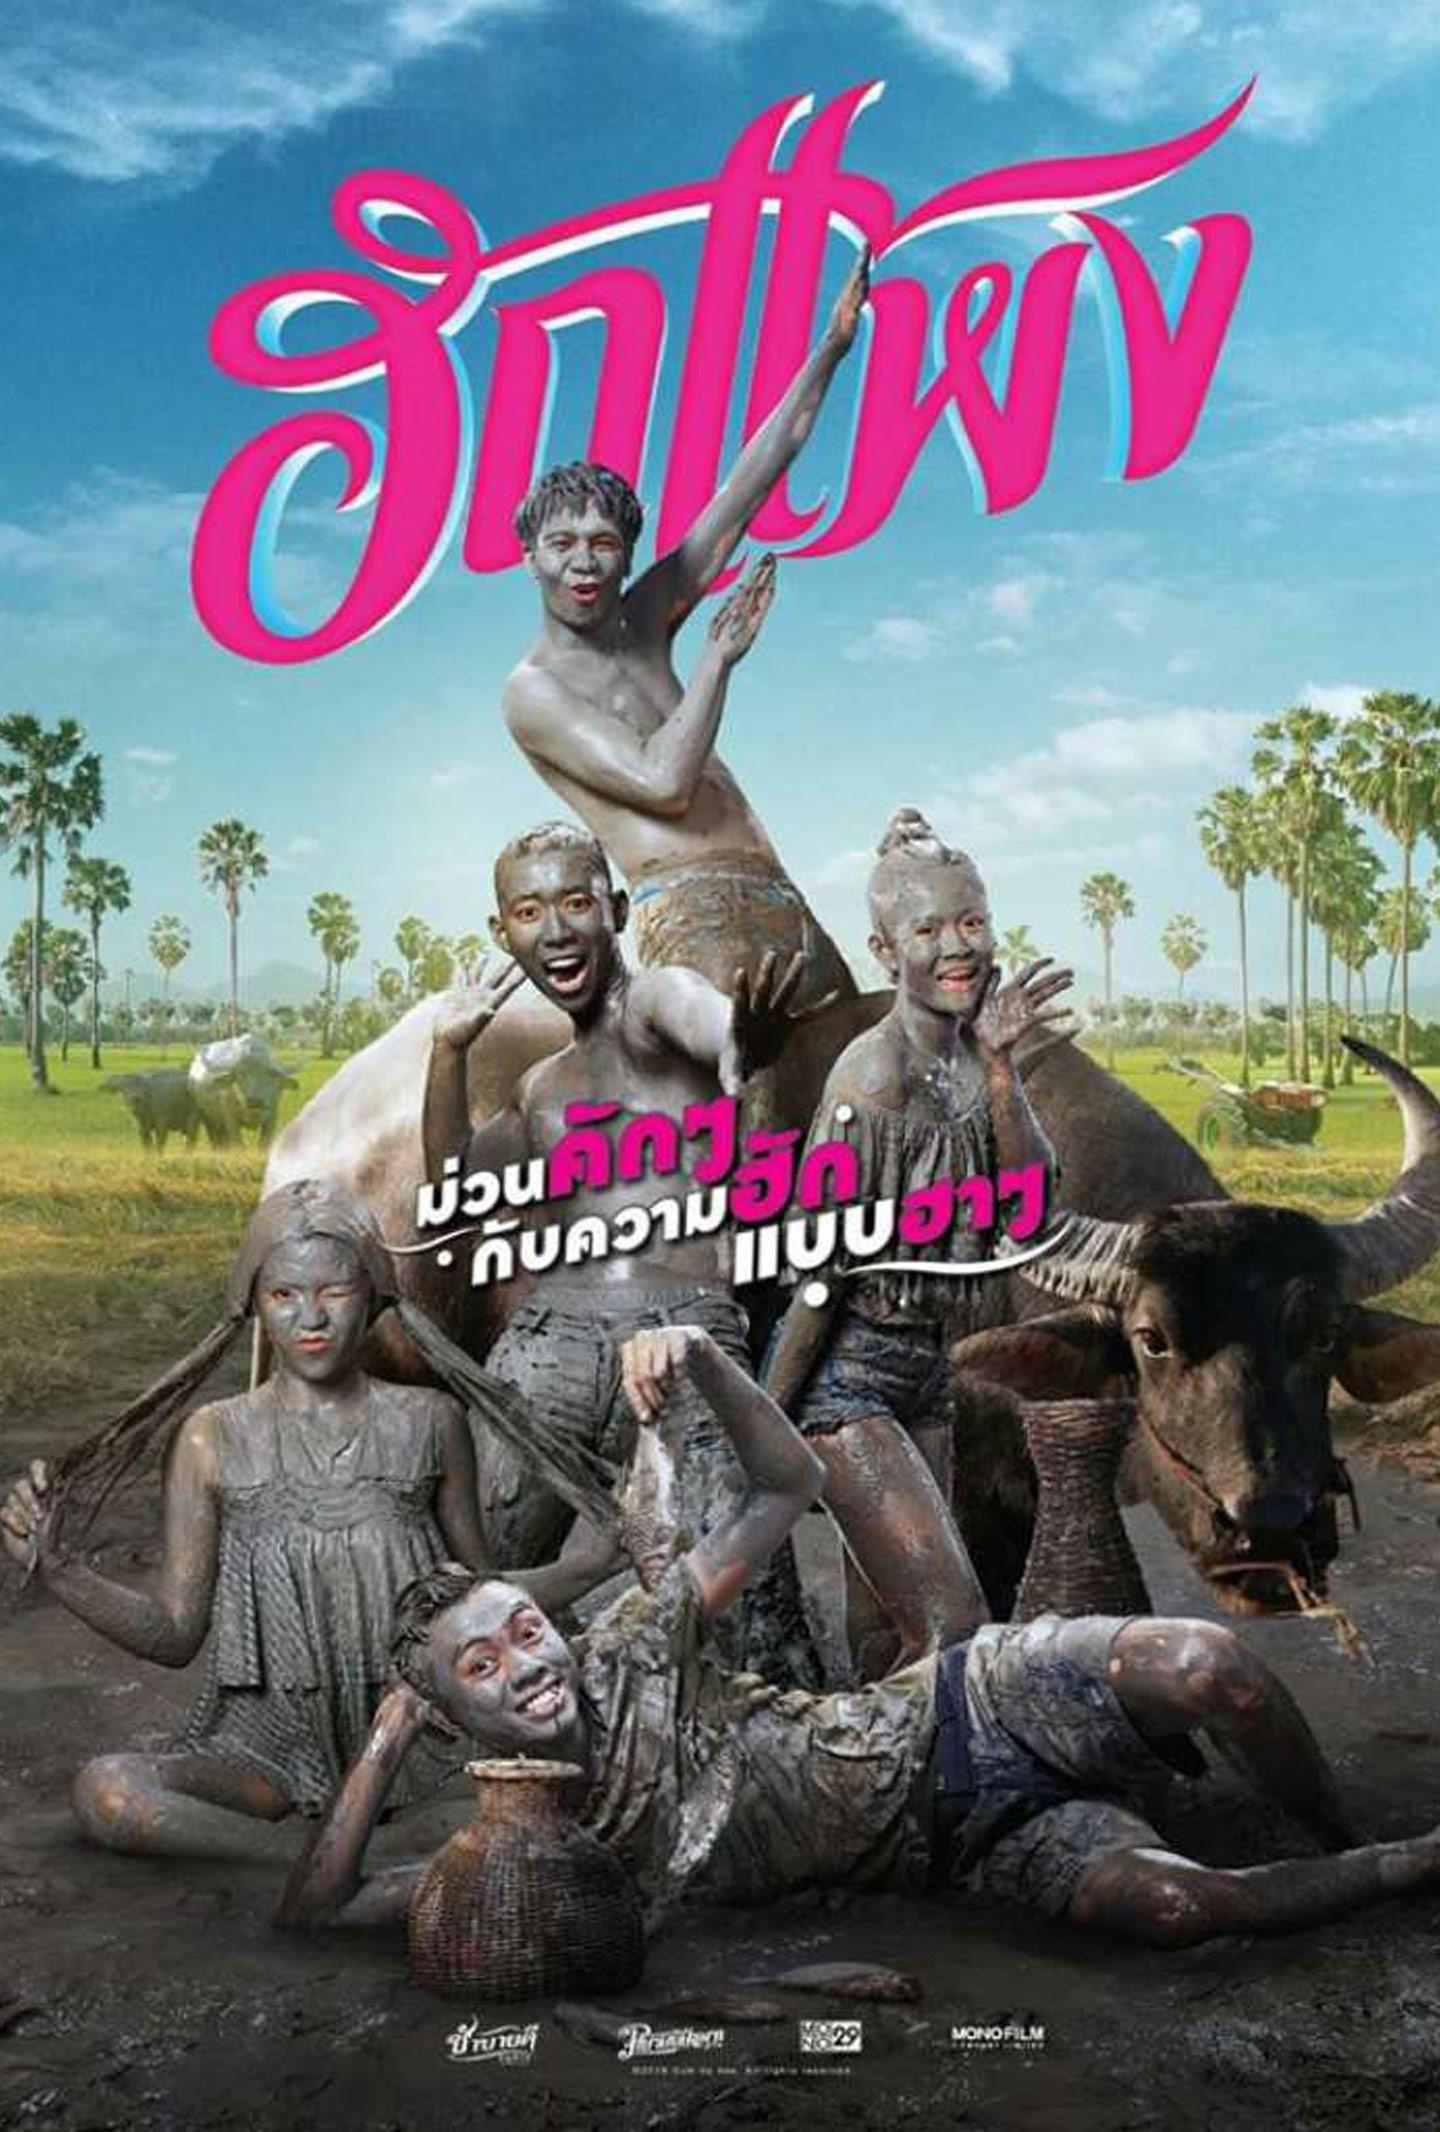 ดูหนัง ฮักแพง (Hug Paeng The Movie) ดูหนังออนไลน์ฟรี ดูหนังฟรี ดูหนังใหม่ชนโรง หนังใหม่ล่าสุด หนังแอคชั่น หนังผจญภัย หนังแอนนิเมชั่น หนัง HD ได้ที่ movie24x.com